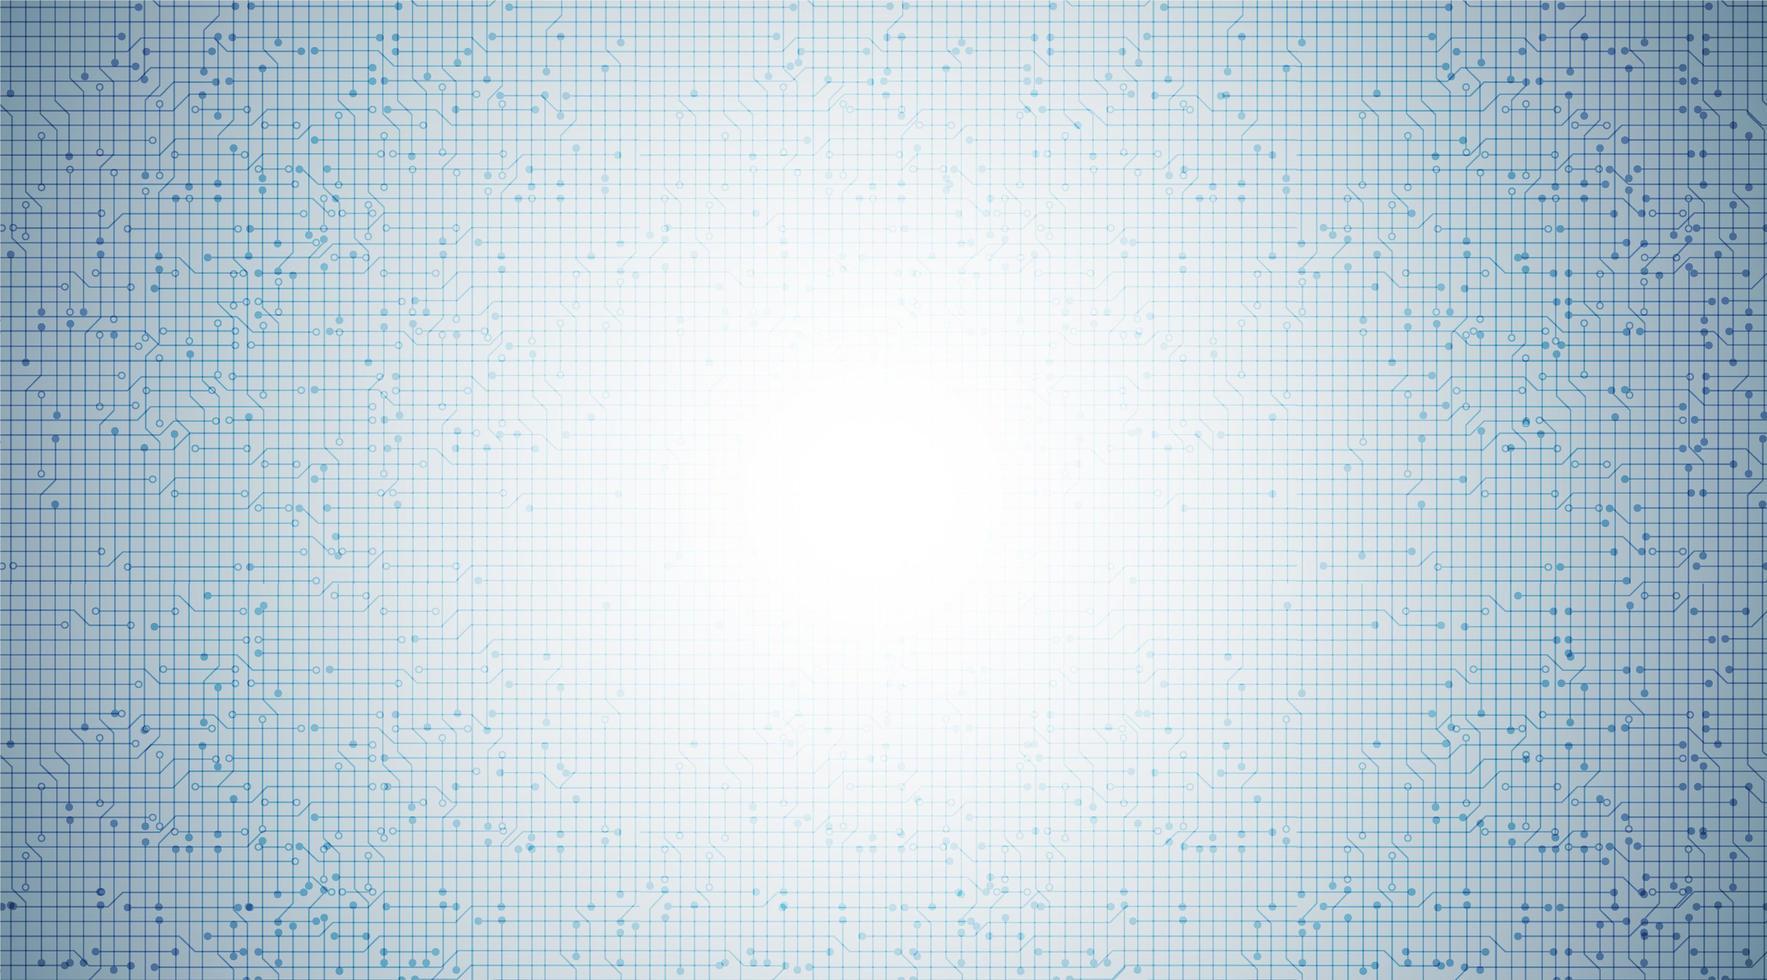 lichtcircuitmicrochip op technische achtergrond, hi-tech digitaal en communicatie conceptontwerp, vrije ruimte voor ingevoerde tekst, vectorillustratie. vector